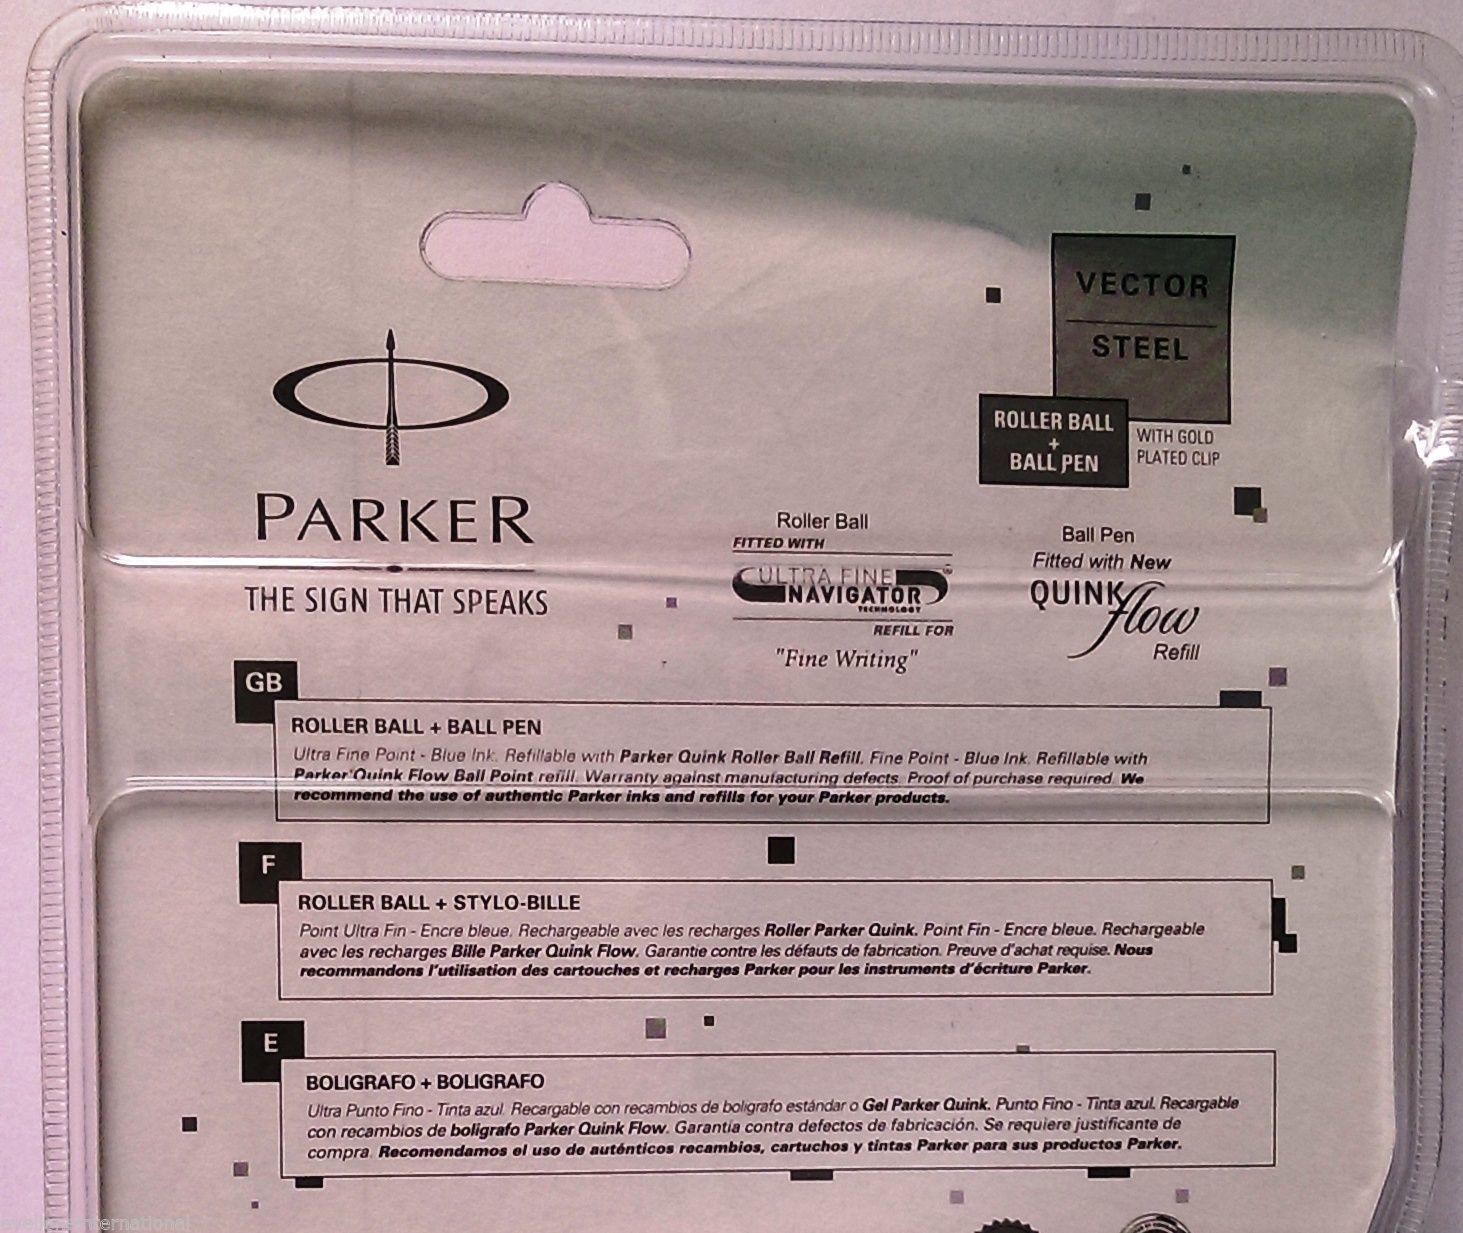 Parker Gift Set Vector Steel Roller Ball & Ball Pen Gold Clip